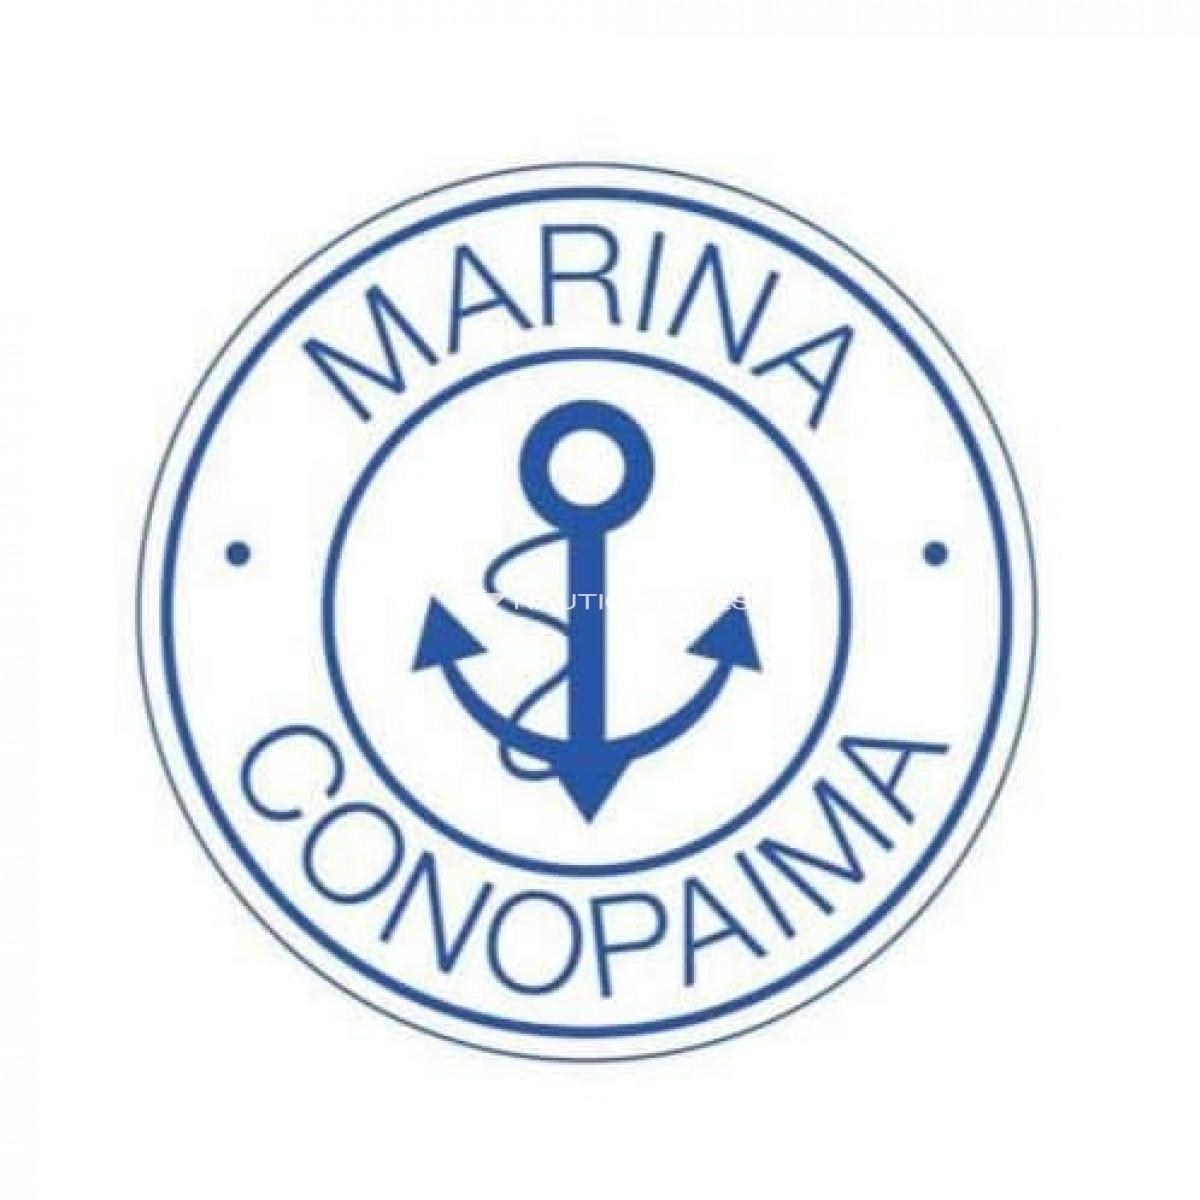 Marina/Varadero